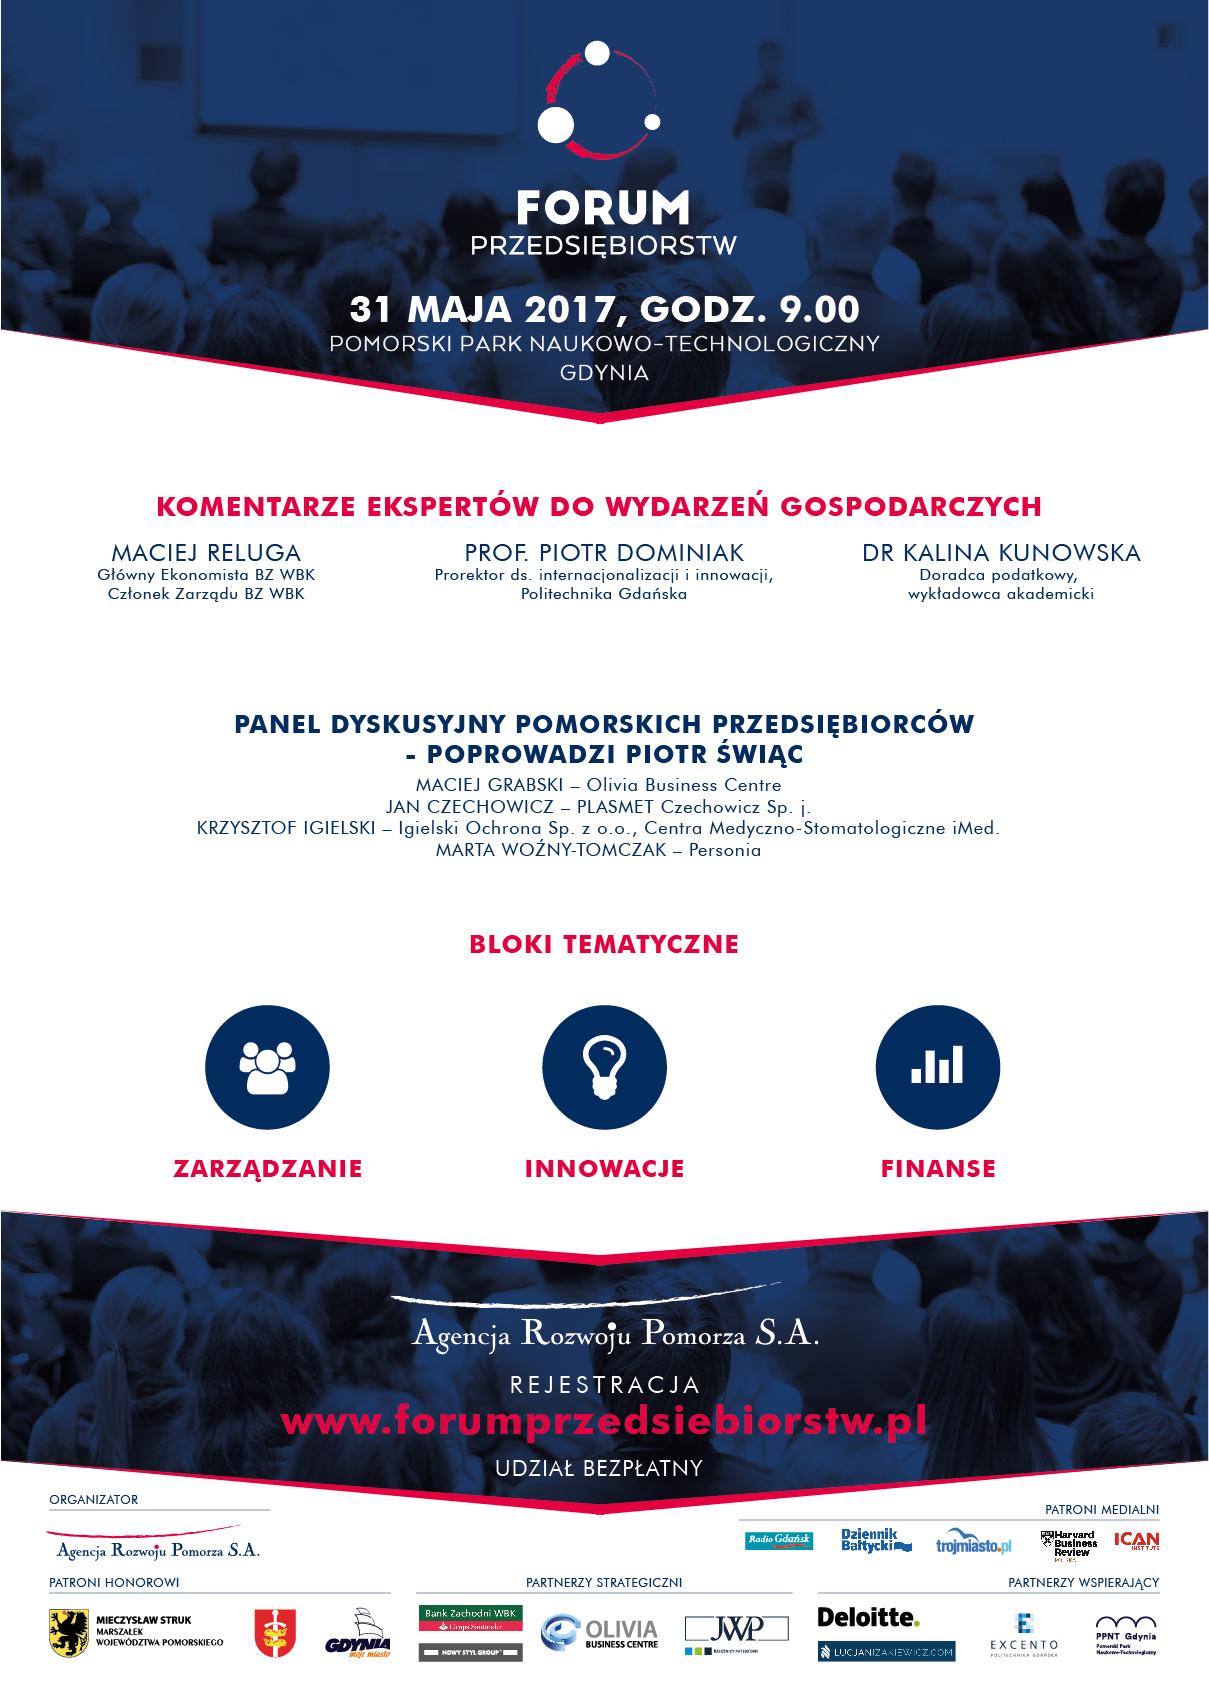 Plakat Forum Przedsiębiorstw 2017